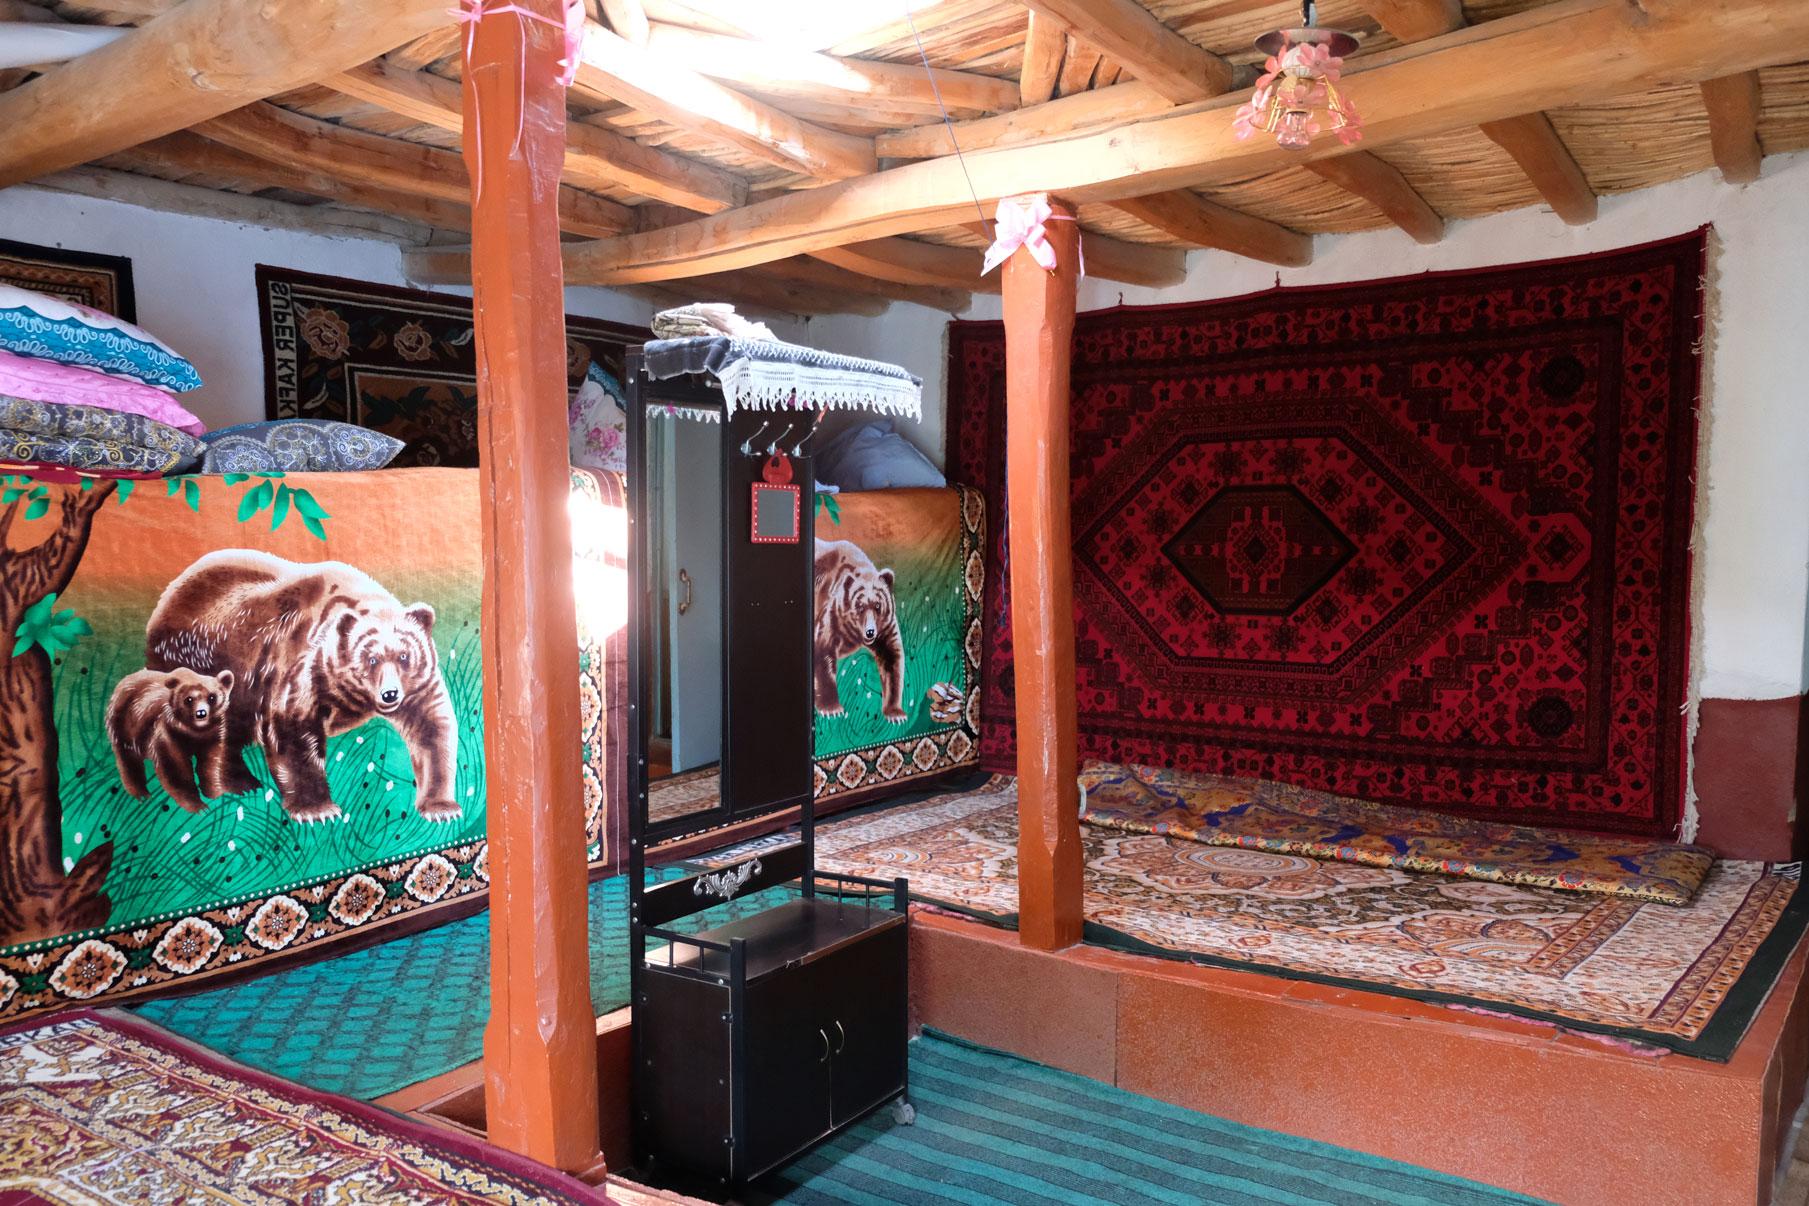 Wohnzimmer in einem Pamirhaus.